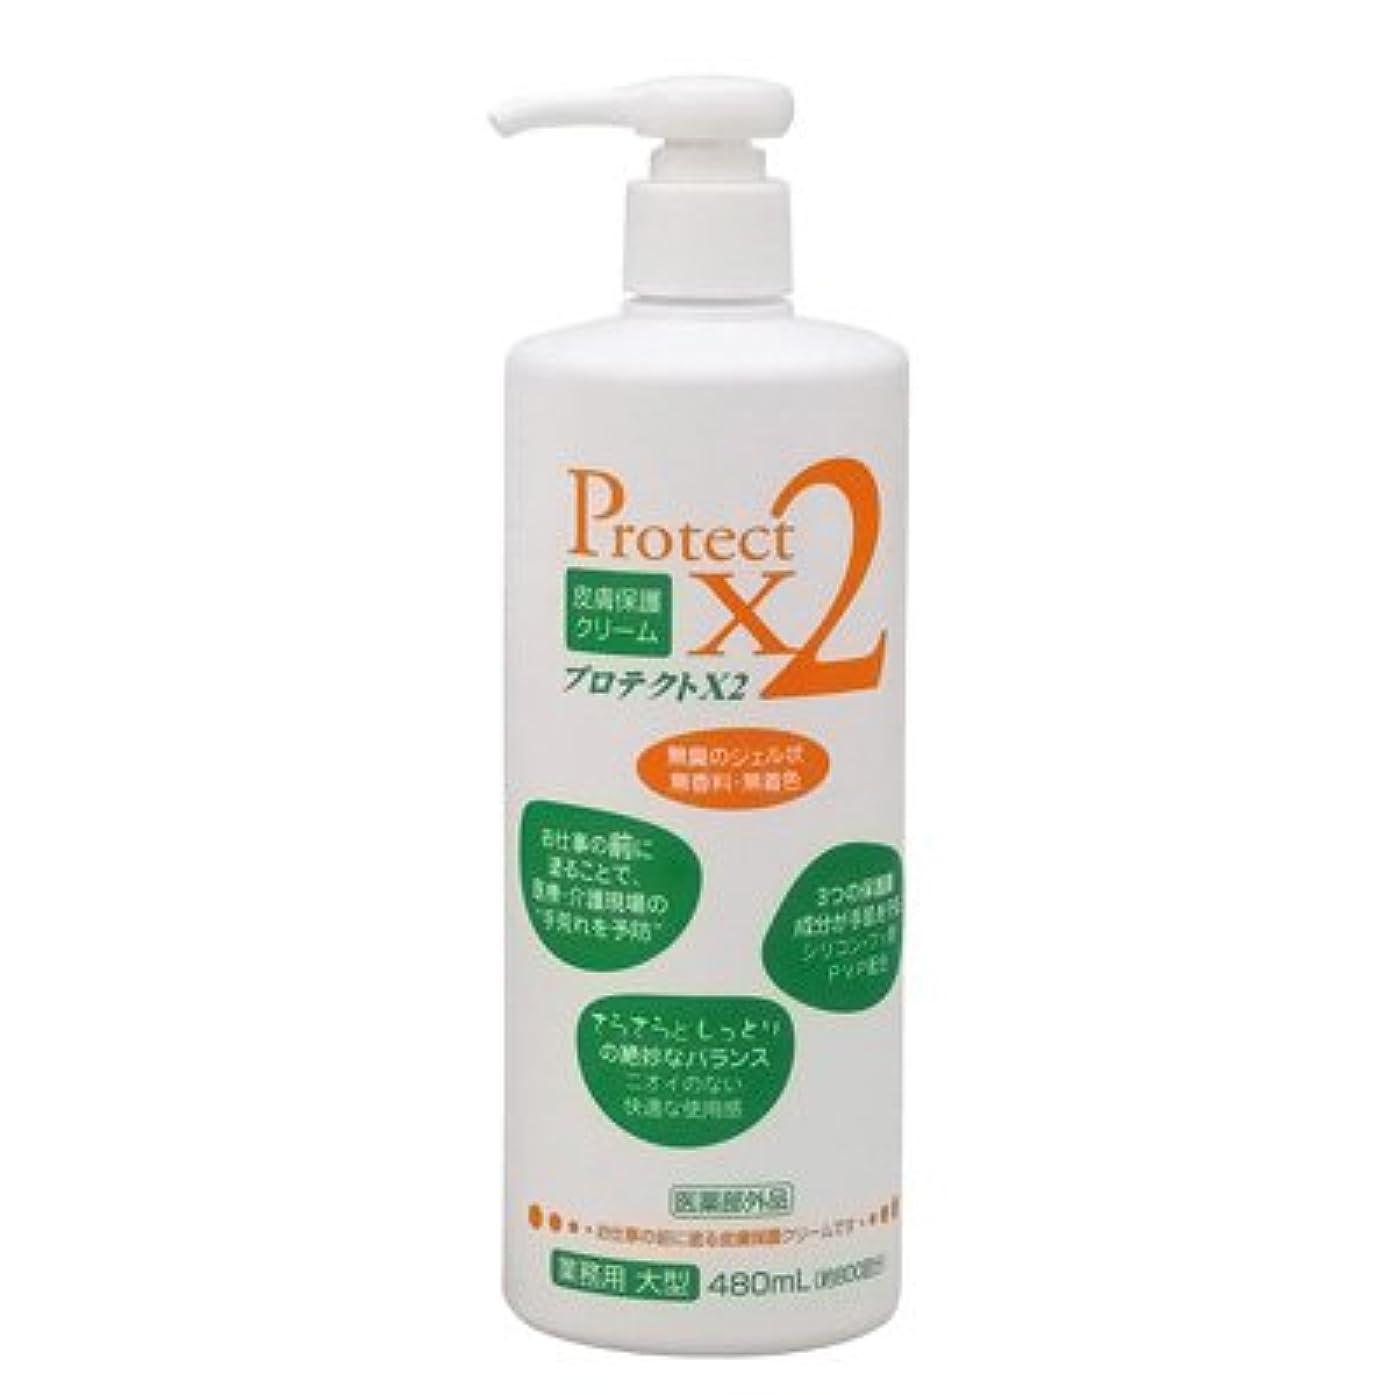 学生罰記事皮膚保護クリーム プロテクトX2 480ml(大型)